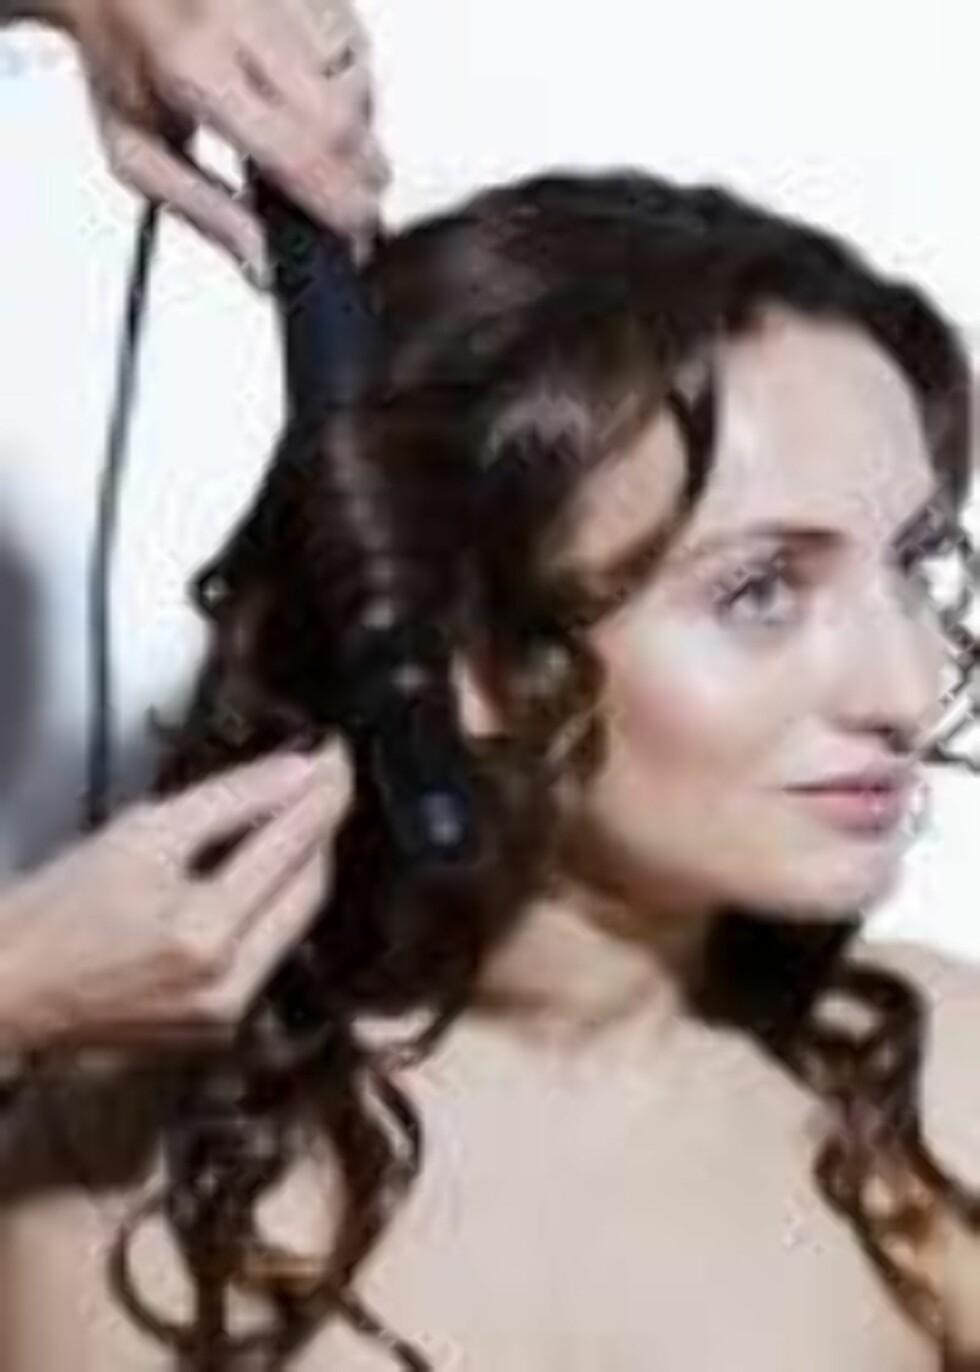 STEG 1: Sett opp det meste av håret slik at bare det underste henger ned. Krøll så håret i mange smale seksjoner. Foto: Astrid Waller